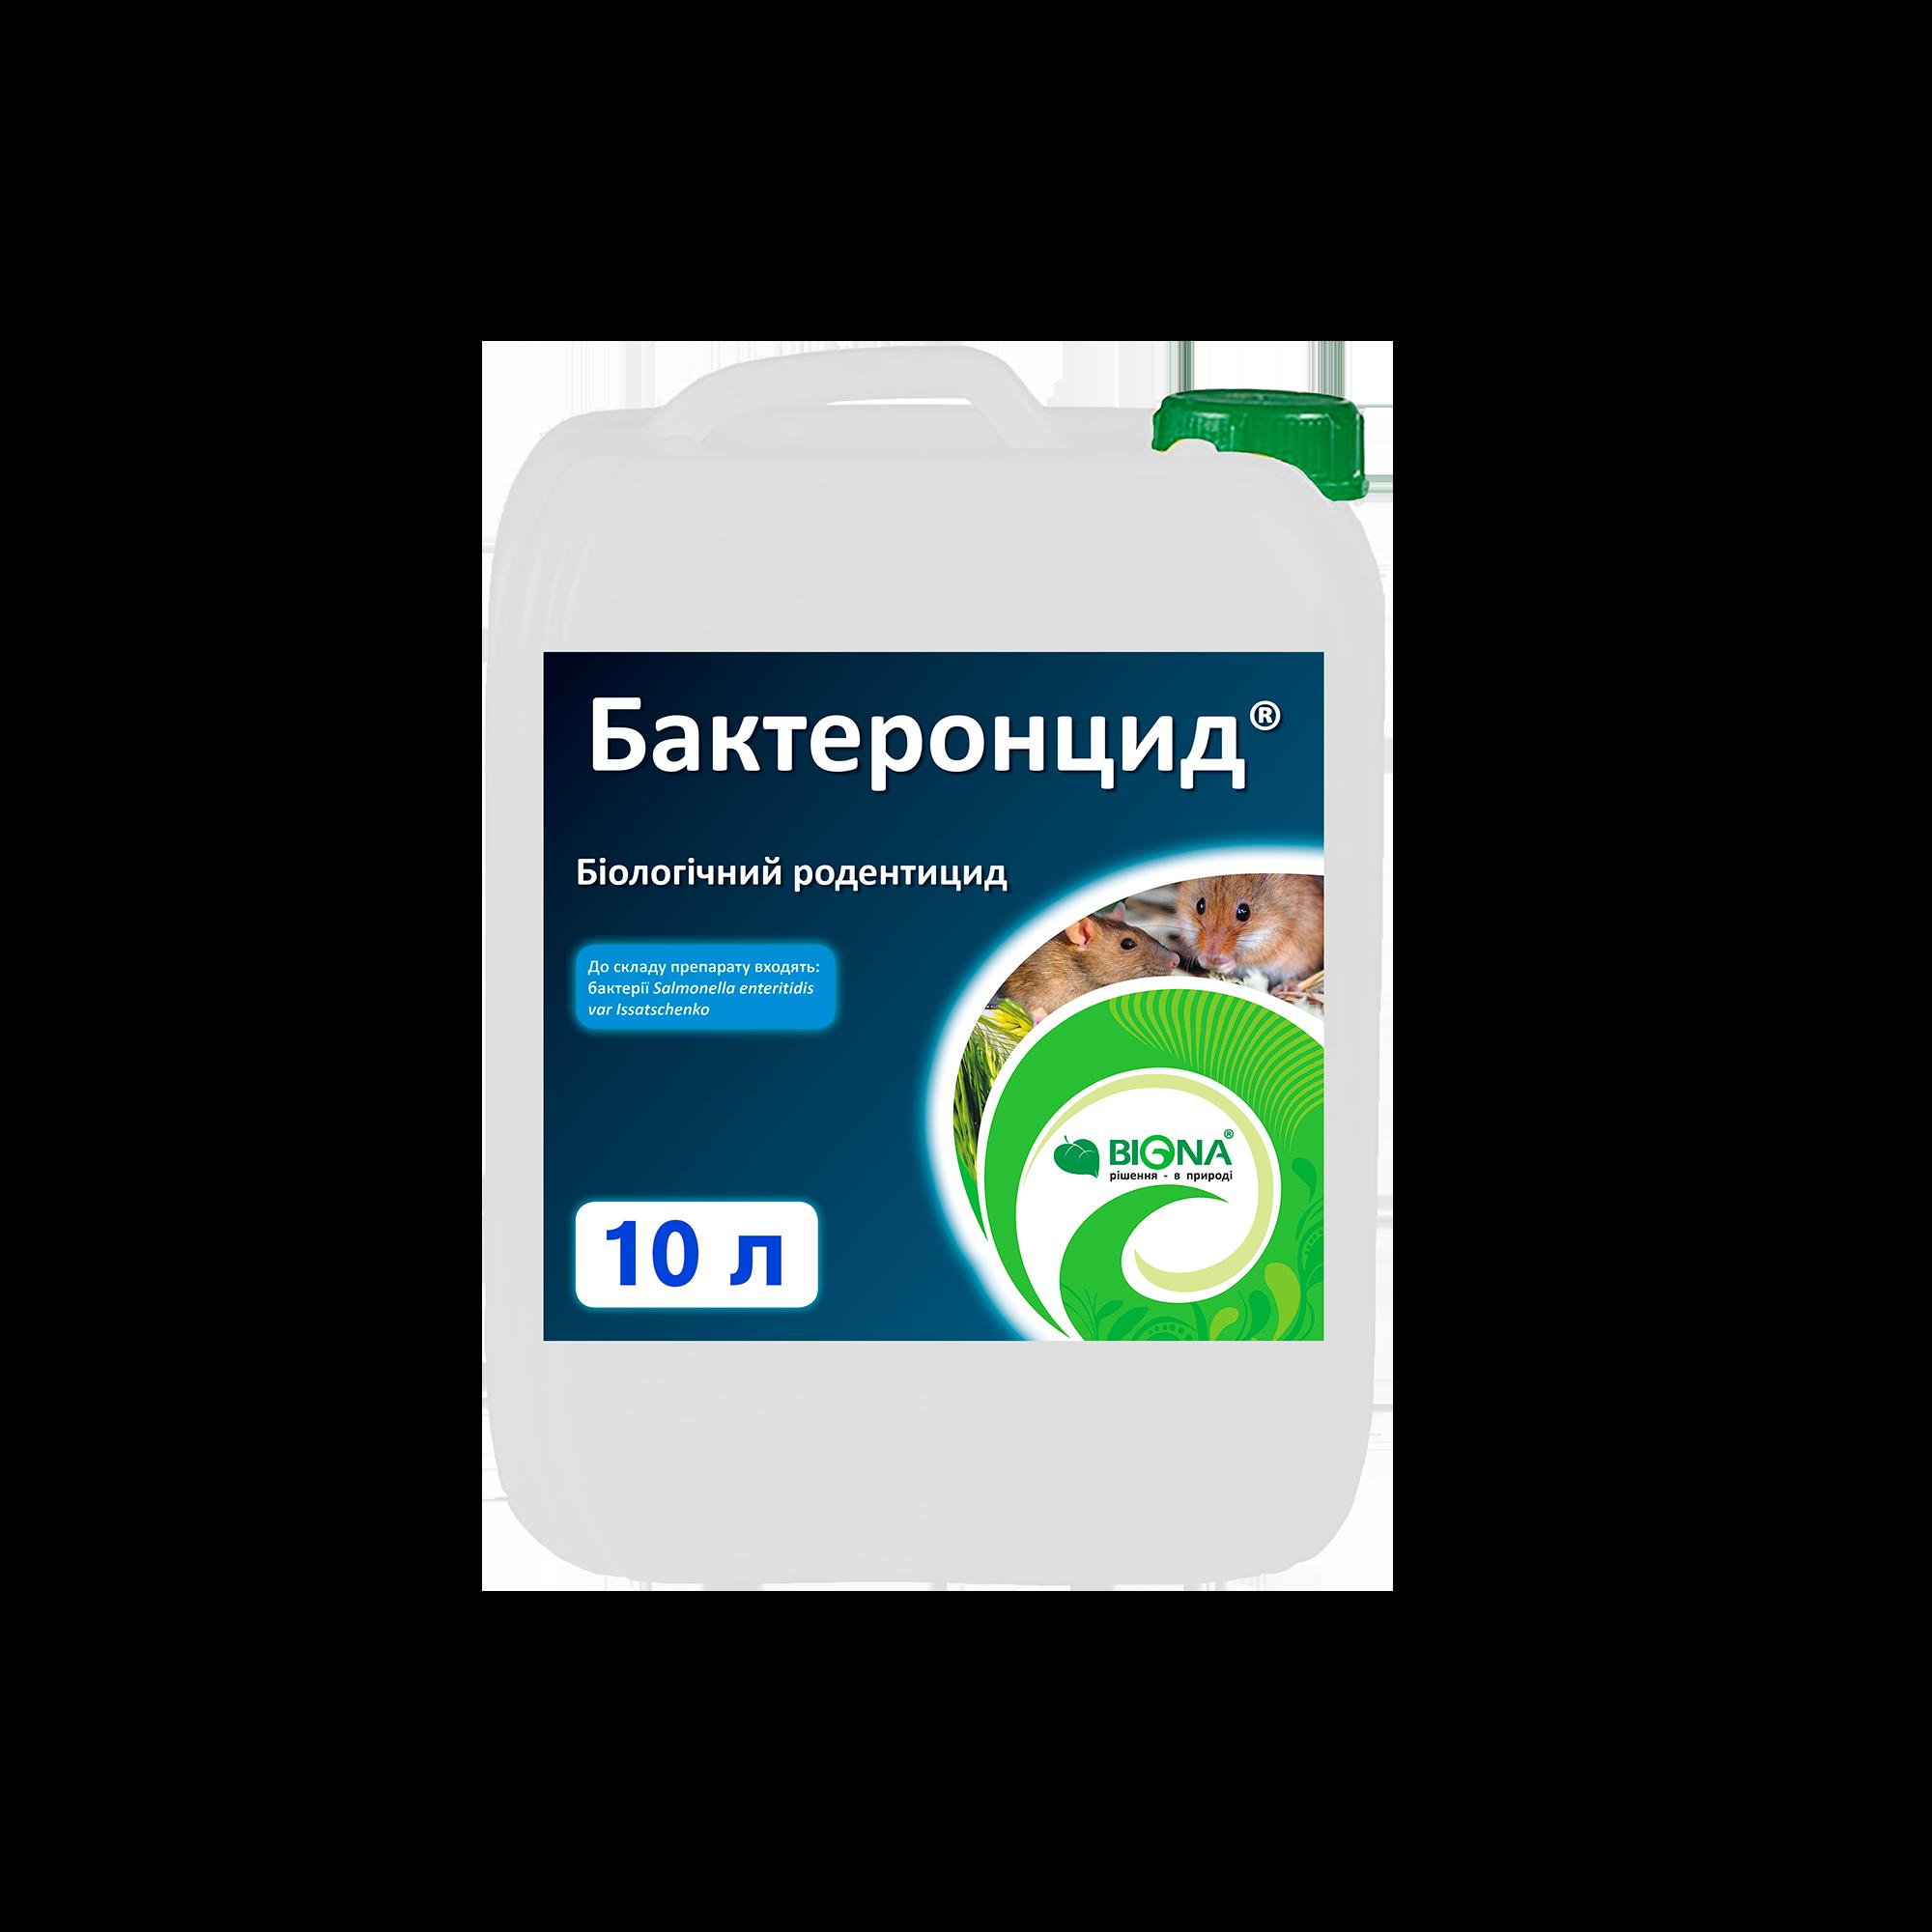 Бактеронцид® гель – Біологічний родентицид для боротьби з гризунами– купити від виробника в Україні